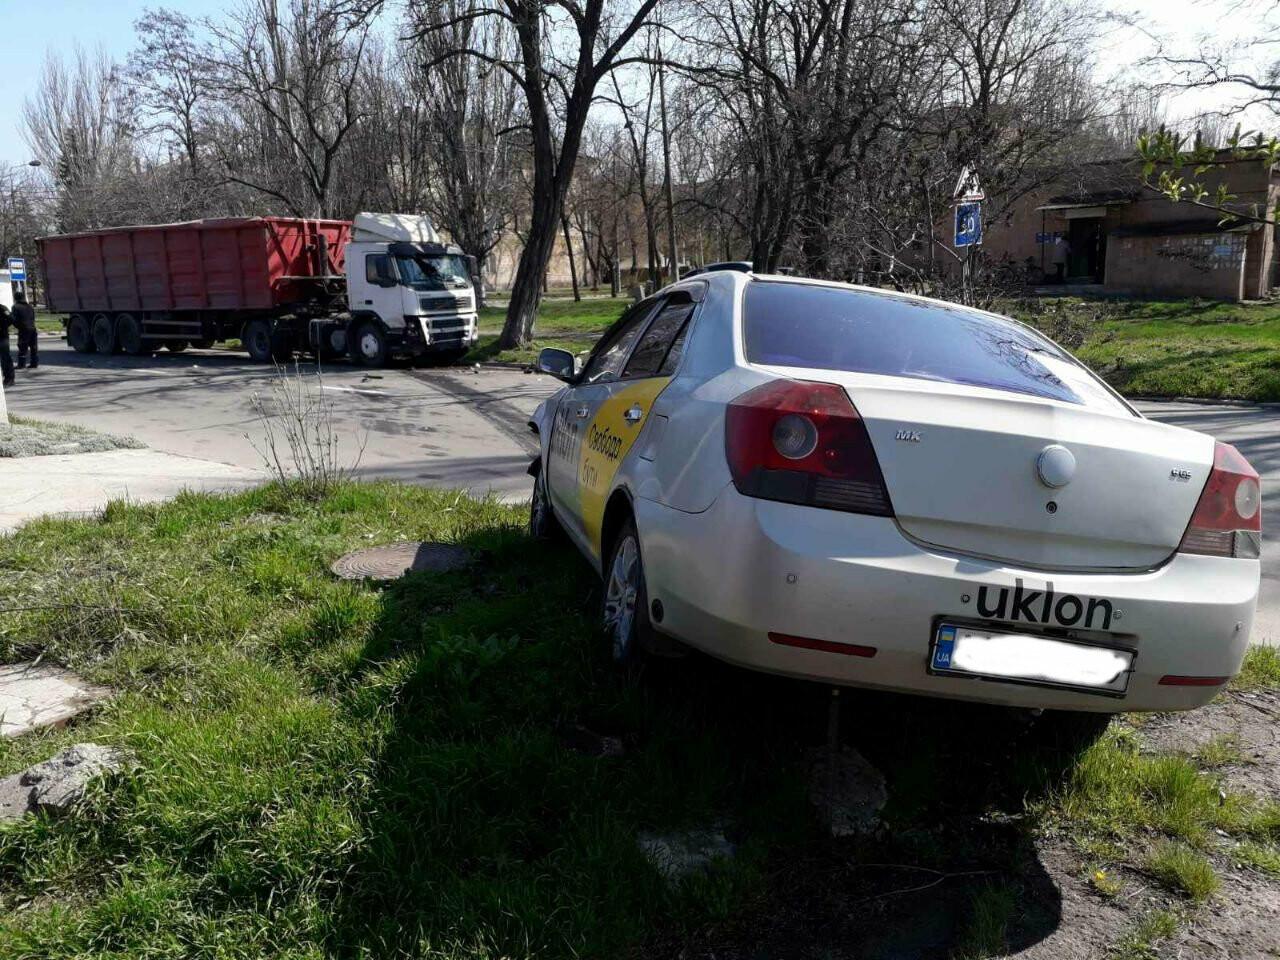 Тройное ДТП с пострадавшими. В Мариуполе столкнулись две легковушки и грузовик,  - ФОТО, фото-10